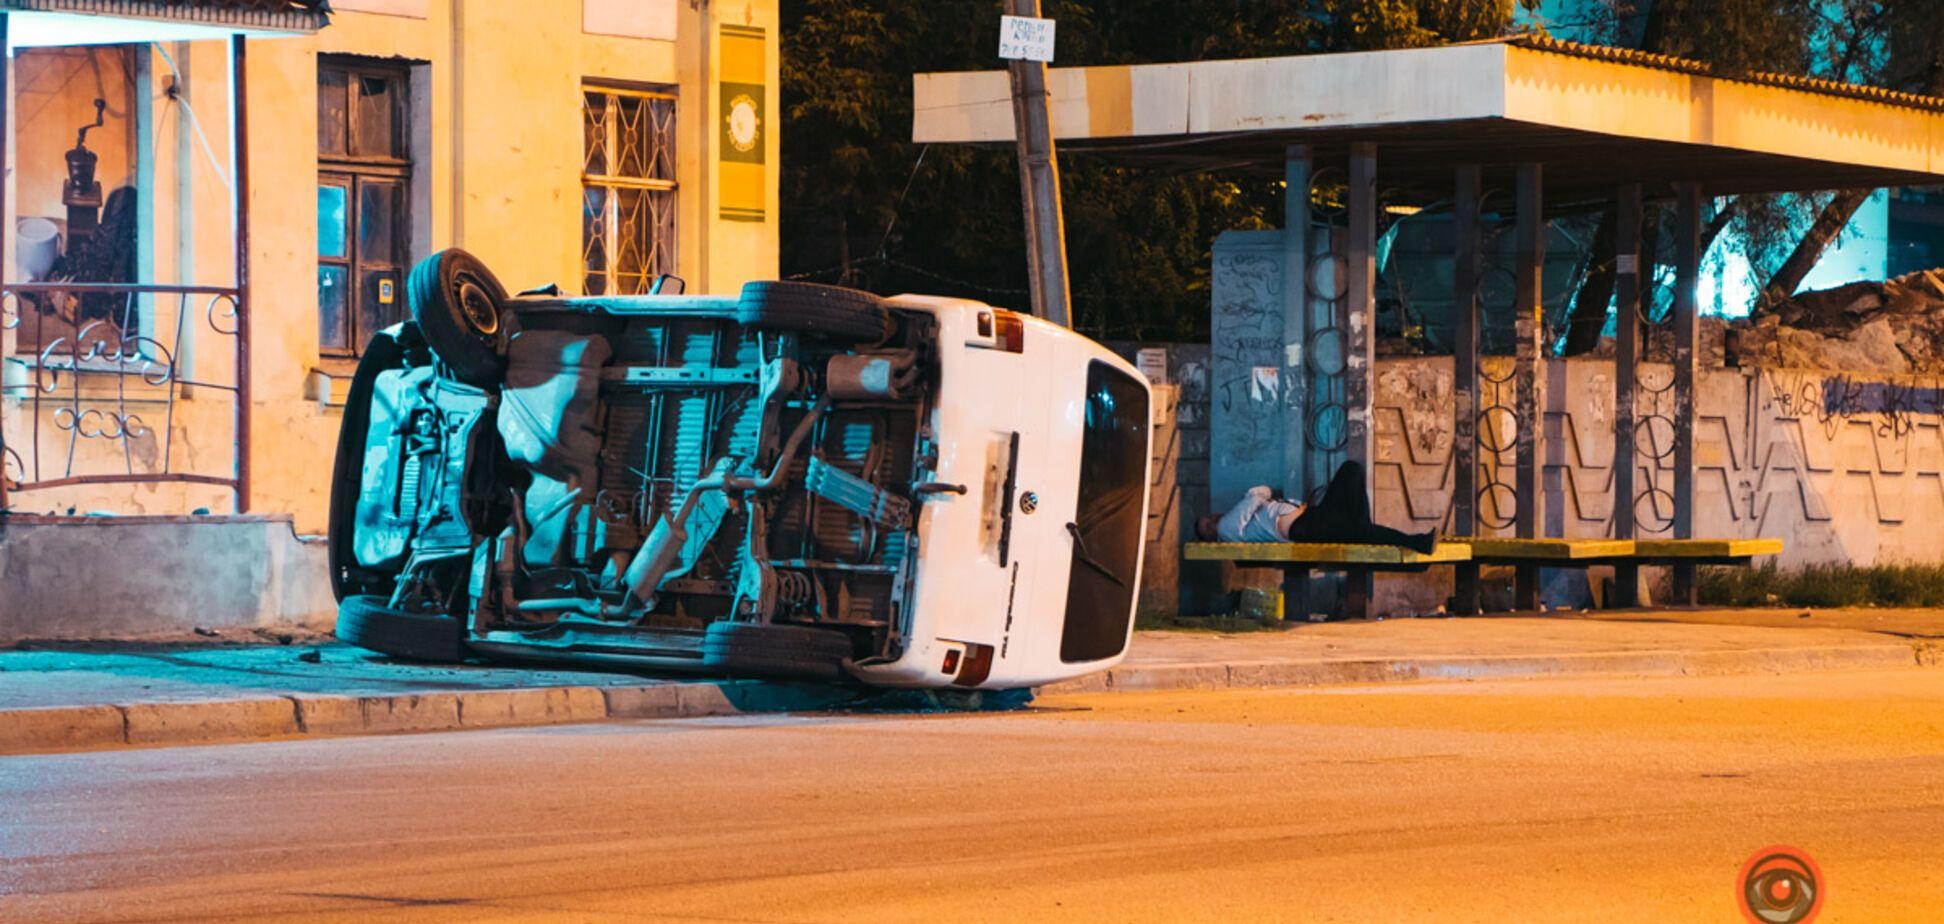 В Днепре автомобиль перевернулся на бок и 'влетел' в магазин. Фото, видео